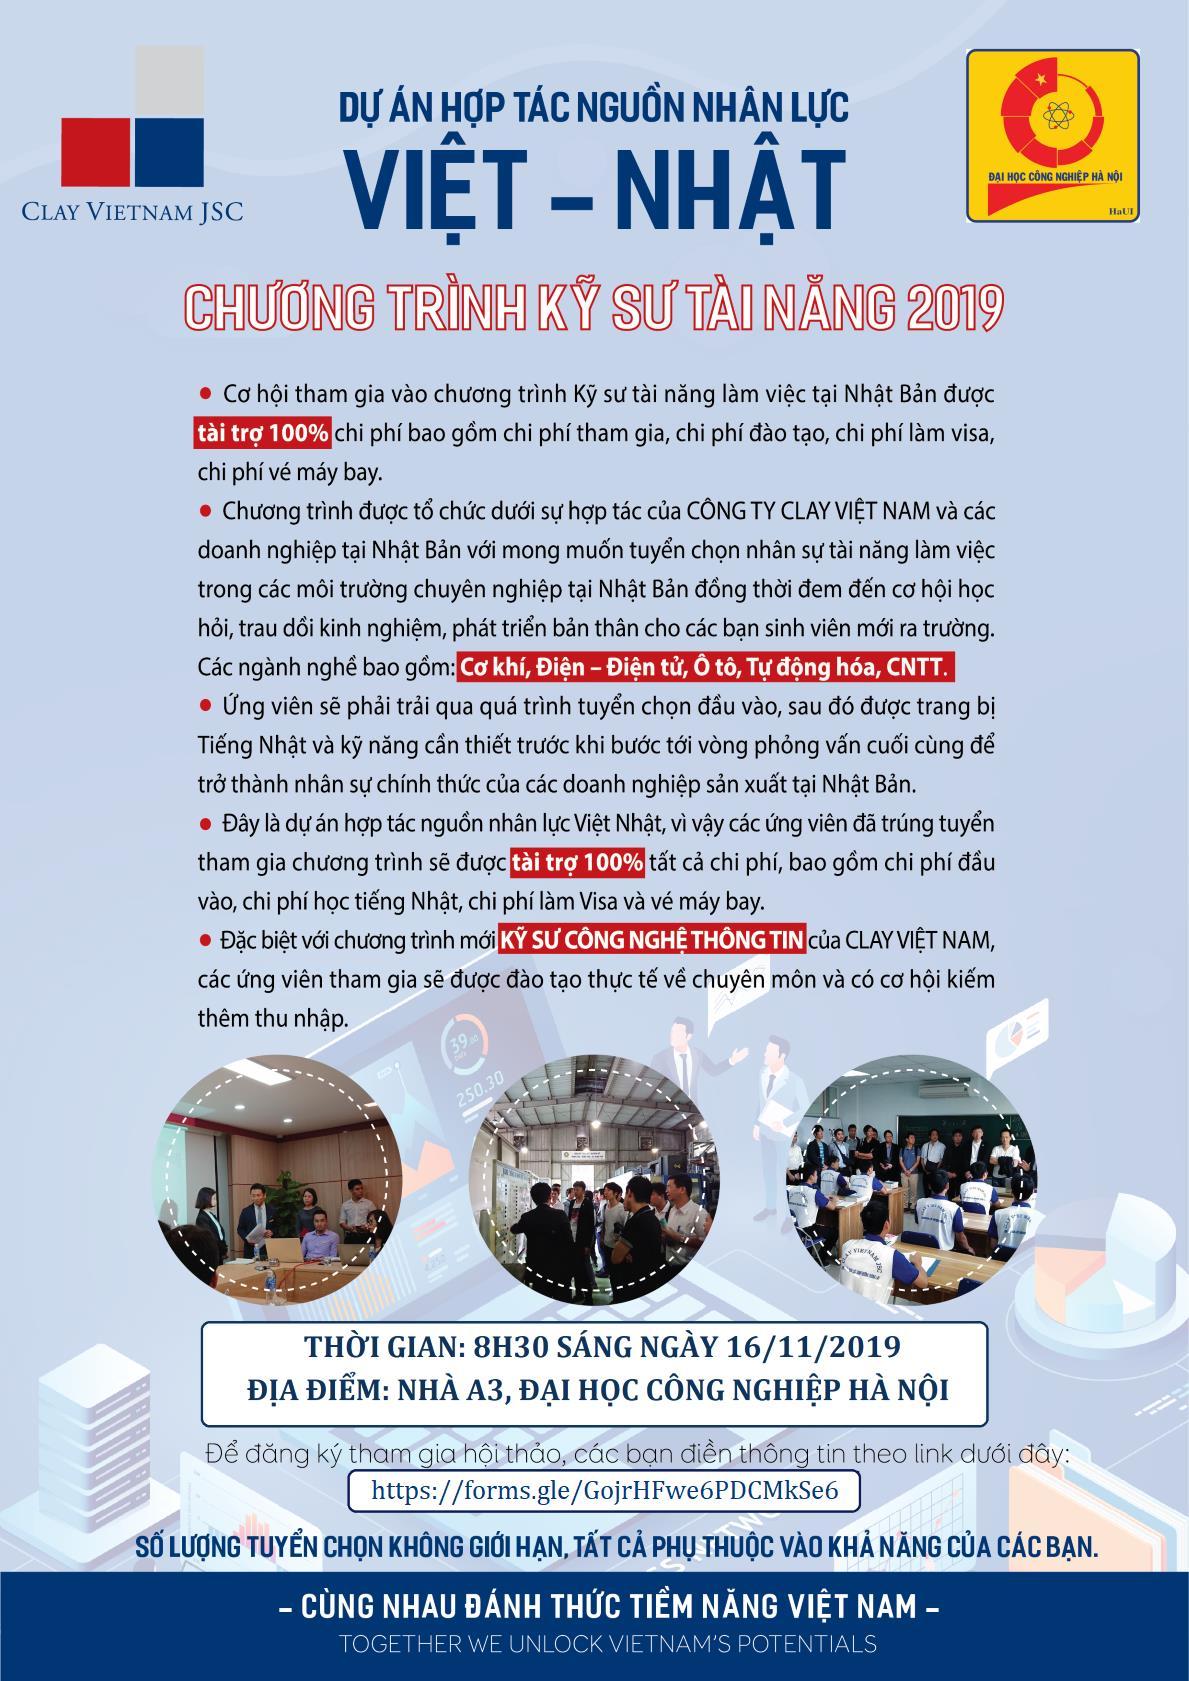 Hội thảo giới thiệu chương trình tuyển sinh đào tạo kỹ sư tài năng làm việc tại Nhật Bản của Công ty Clay Việt Nam